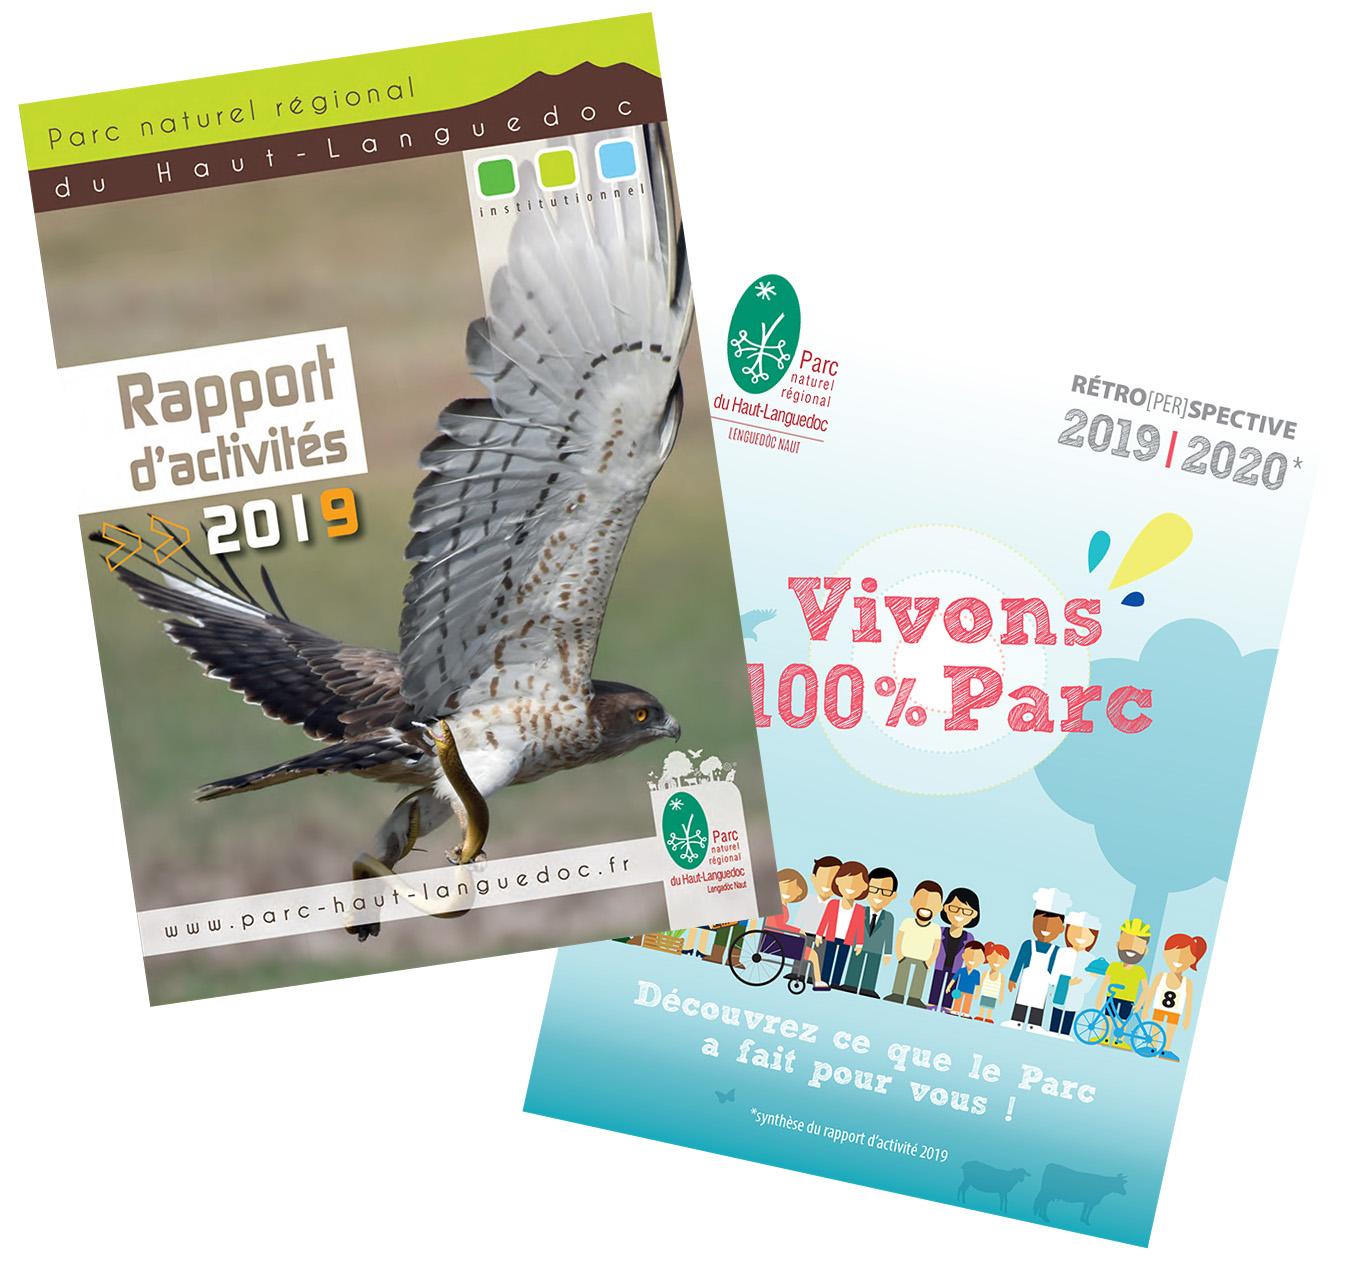 Rapport Activités et Brochure Vivons 100 Parc